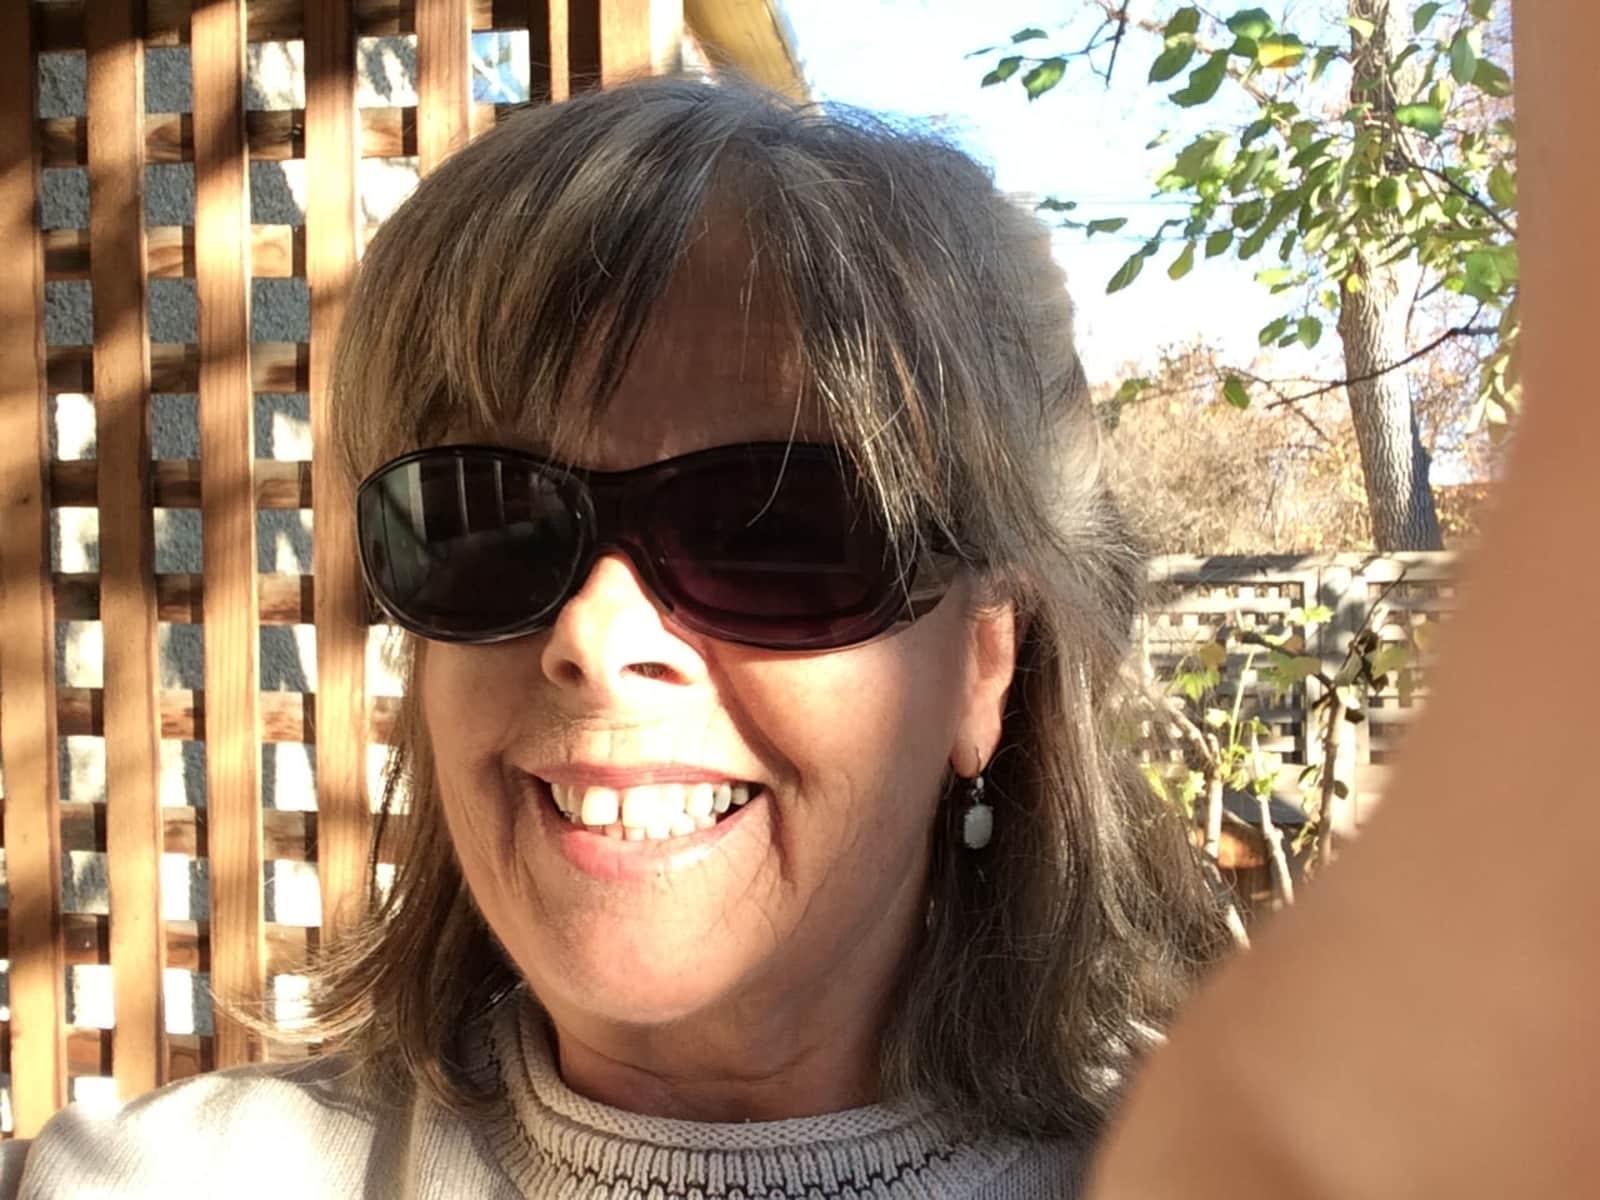 Deborah a from Nanaimo, British Columbia, Canada